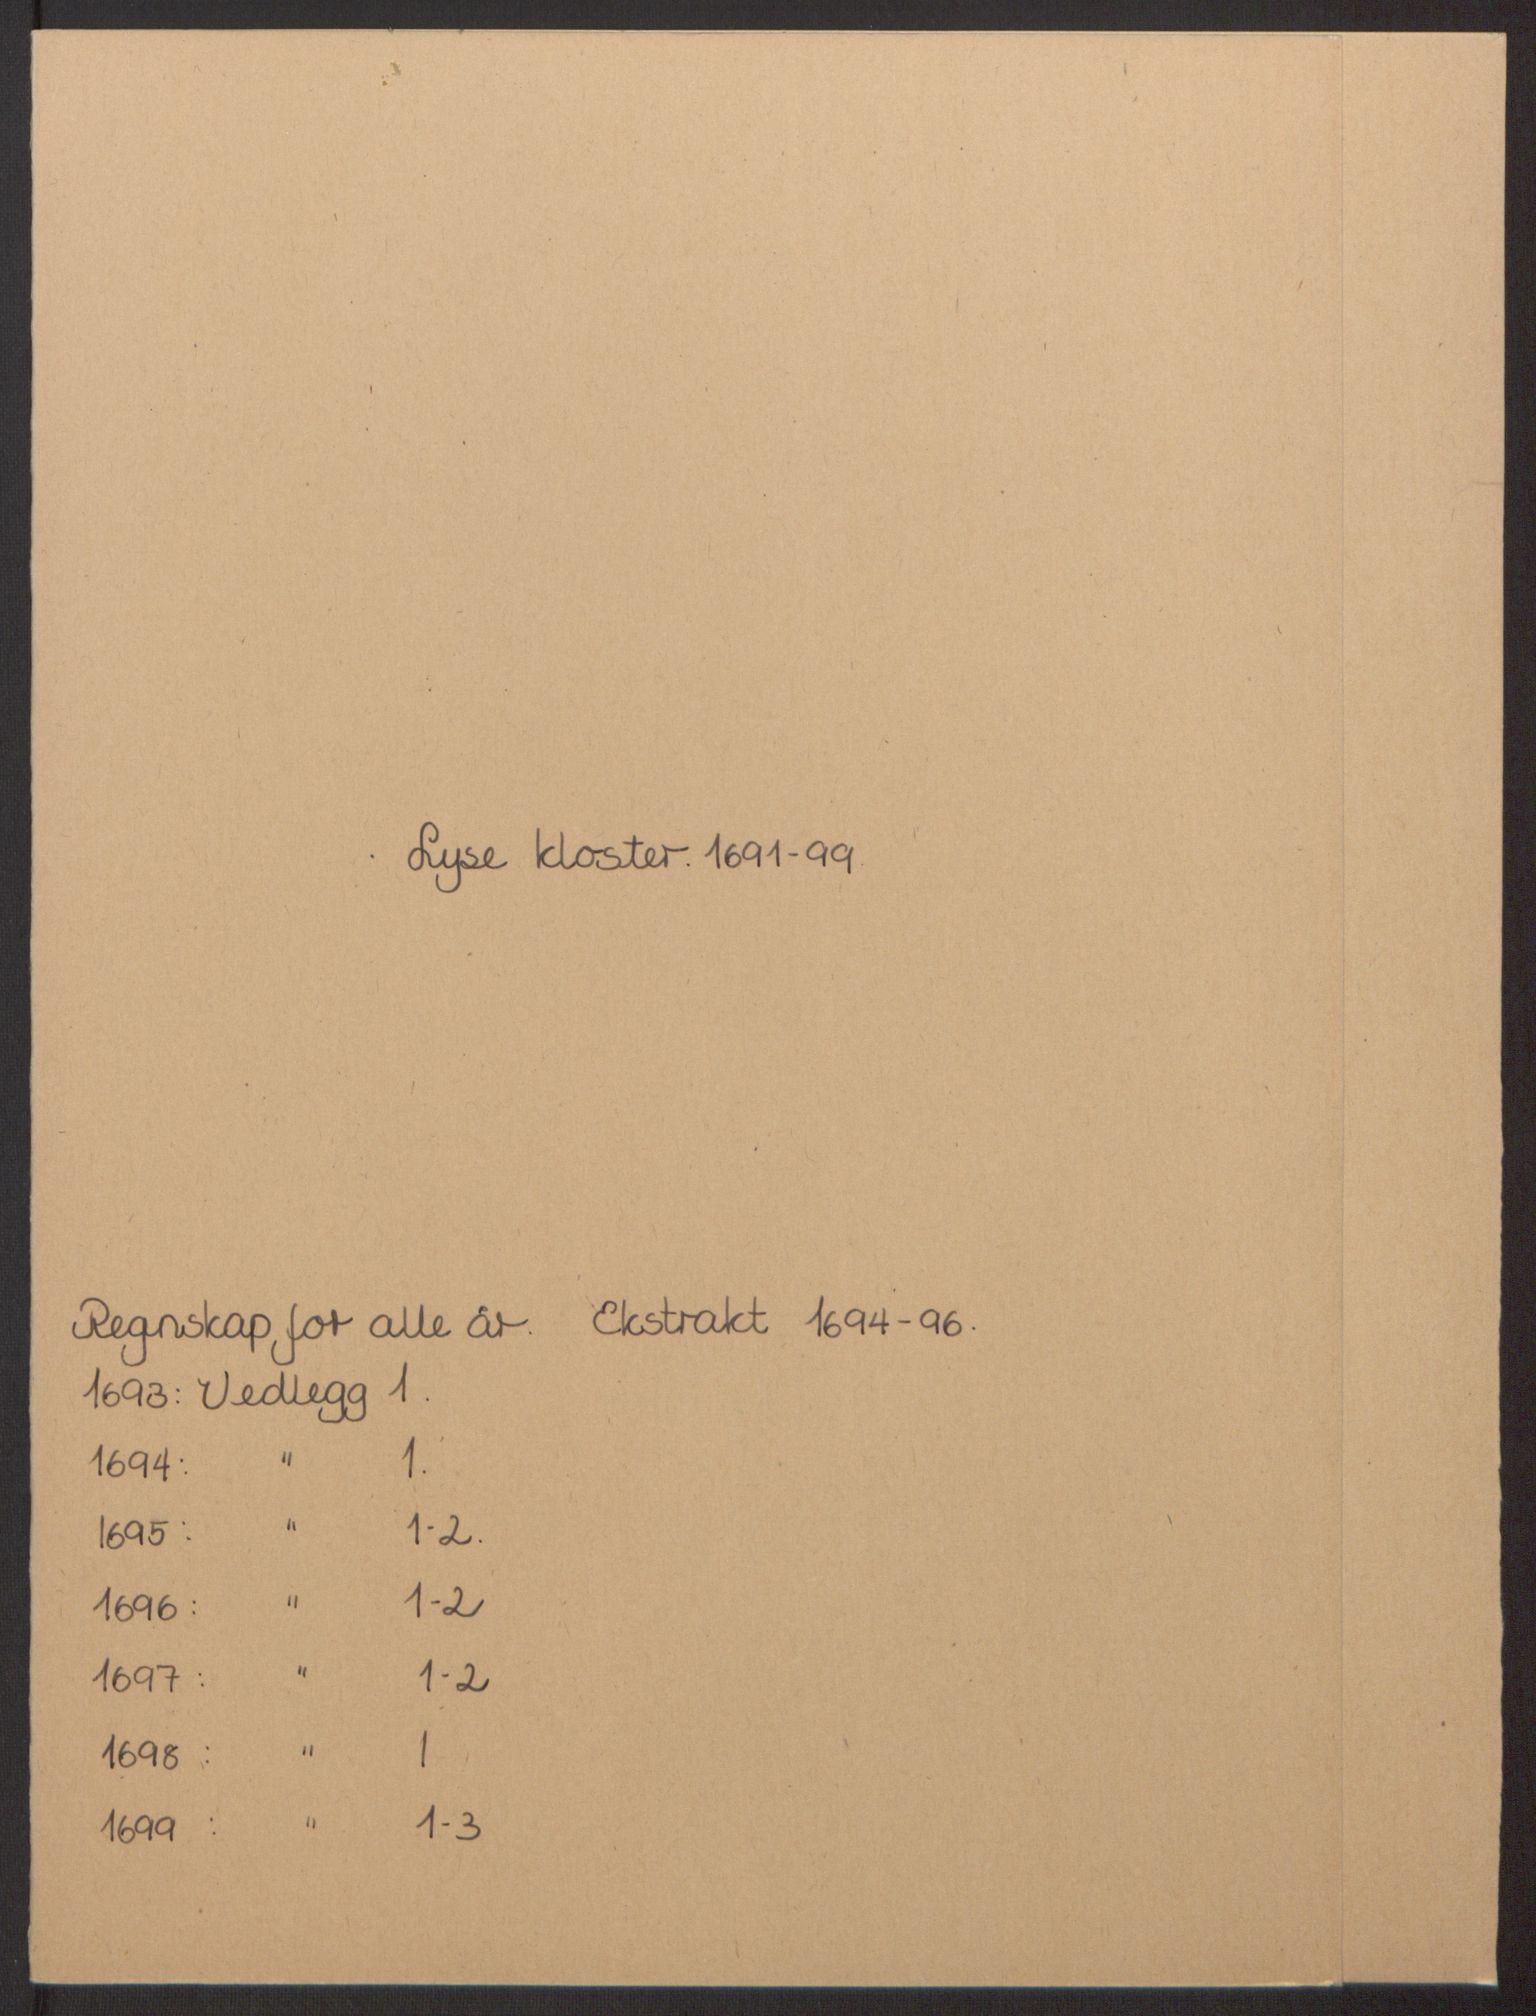 RA, Rentekammeret inntil 1814, Reviderte regnskaper, Fogderegnskap, R50/L3159: Fogderegnskap Lyse kloster, 1691-1709, s. 2